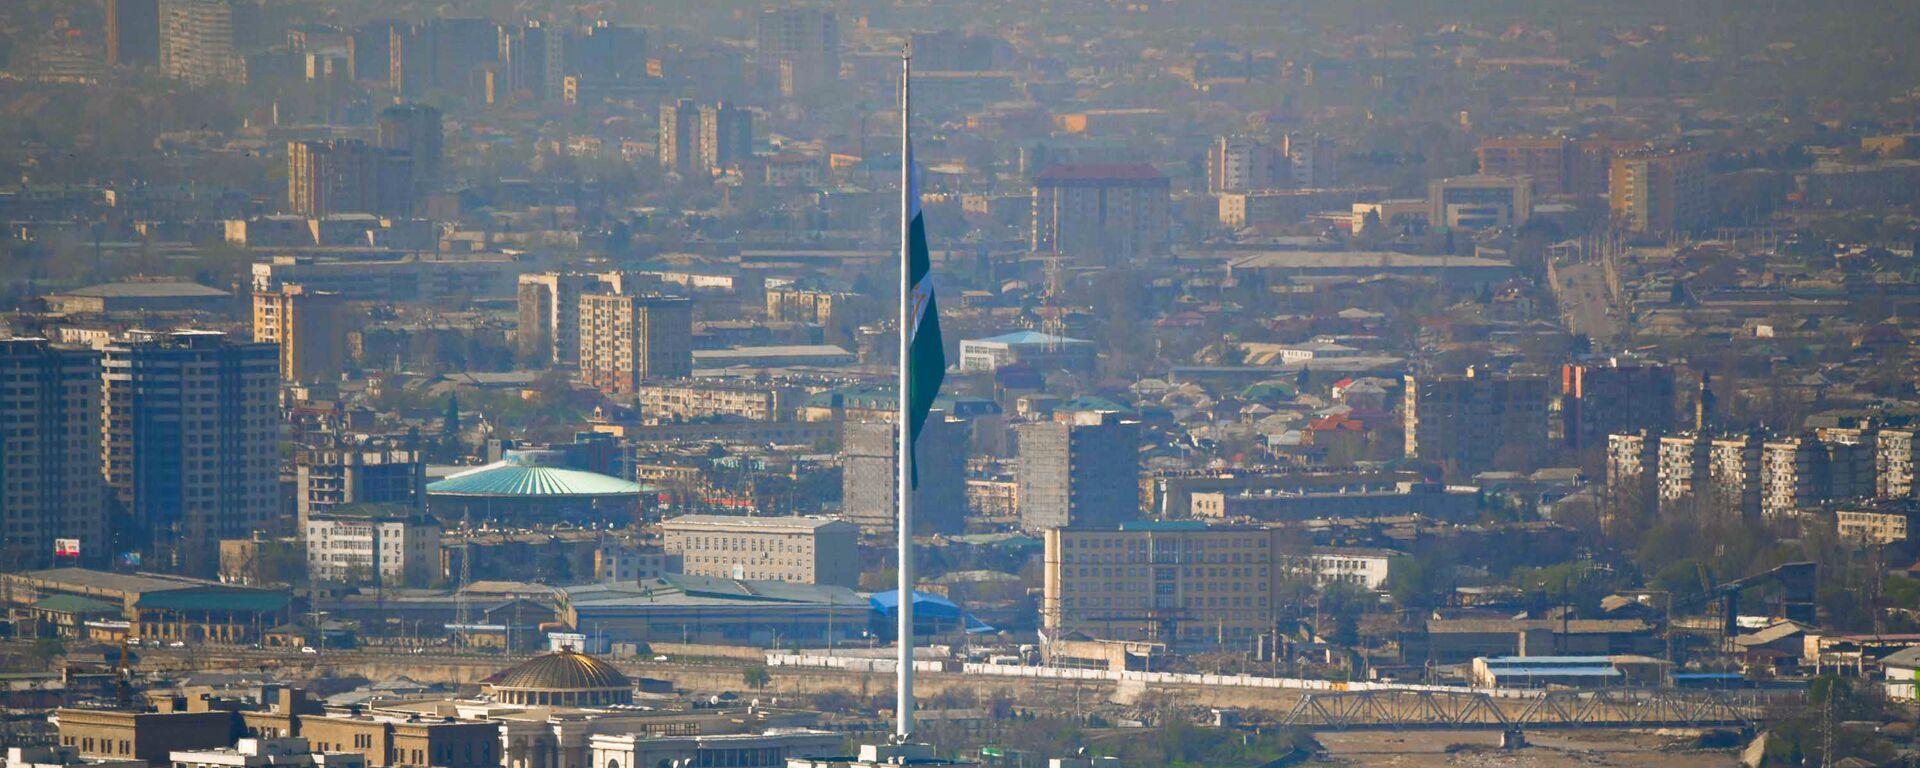 Город Душанбе, архивное фото - Sputnik Тоҷикистон, 1920, 28.08.2021